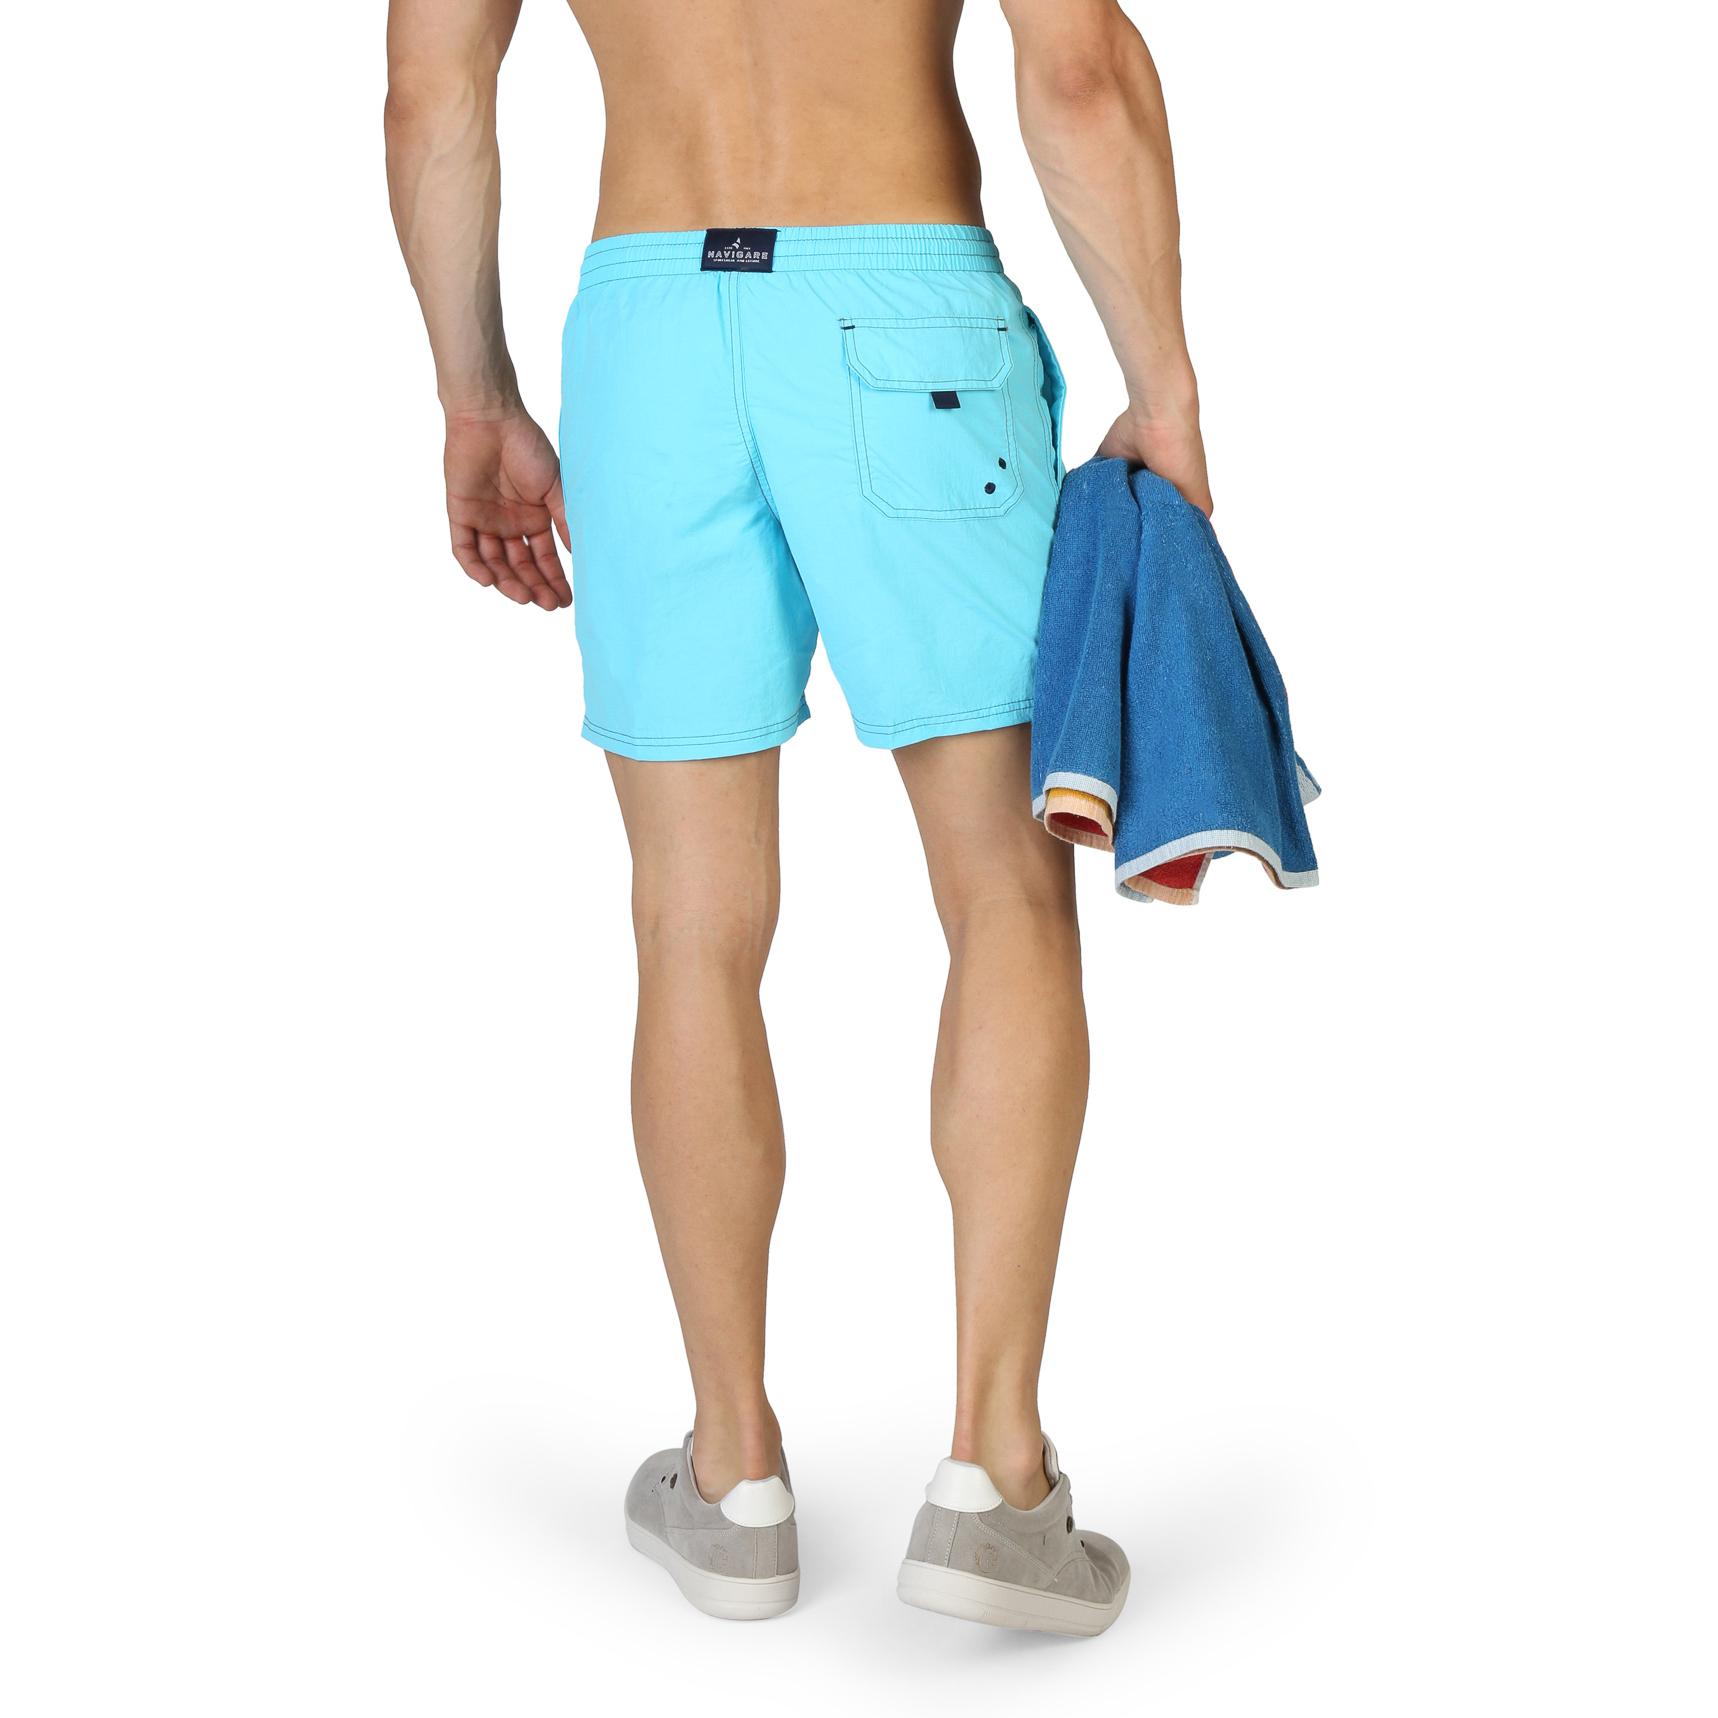 Banadores-Navigare-Hombre-898341-Azul-Azul-Blanco-Azul-Primavera-Verano